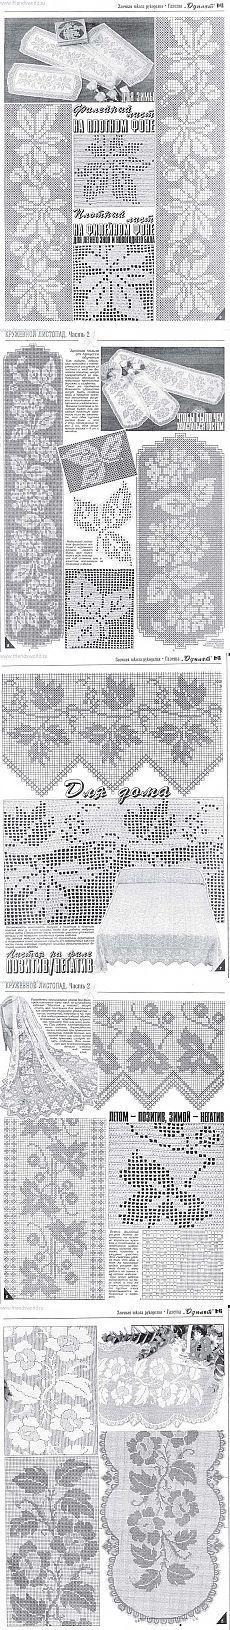 Филейное вязание ; филейный лист на плотном фоне и плотный лист на филейном фоне .